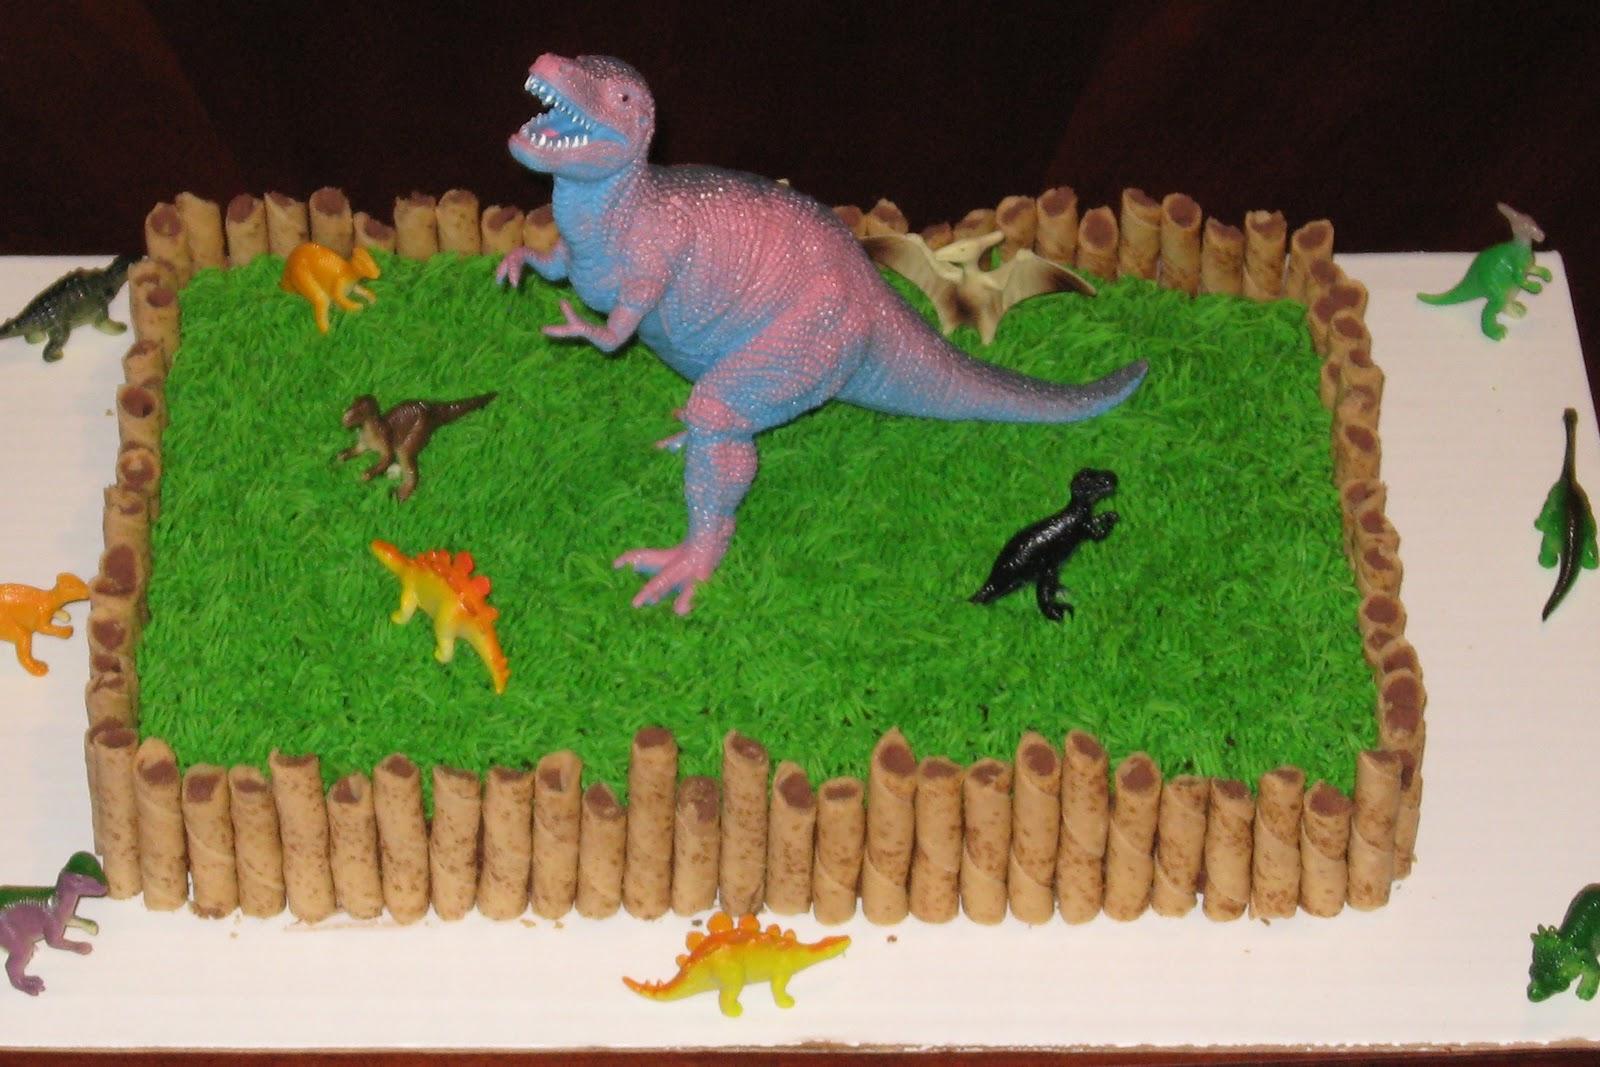 Cake Design Dinosaur : Birthday Parties, Things Sweets, Cake Ideas, Dinosaurs ...